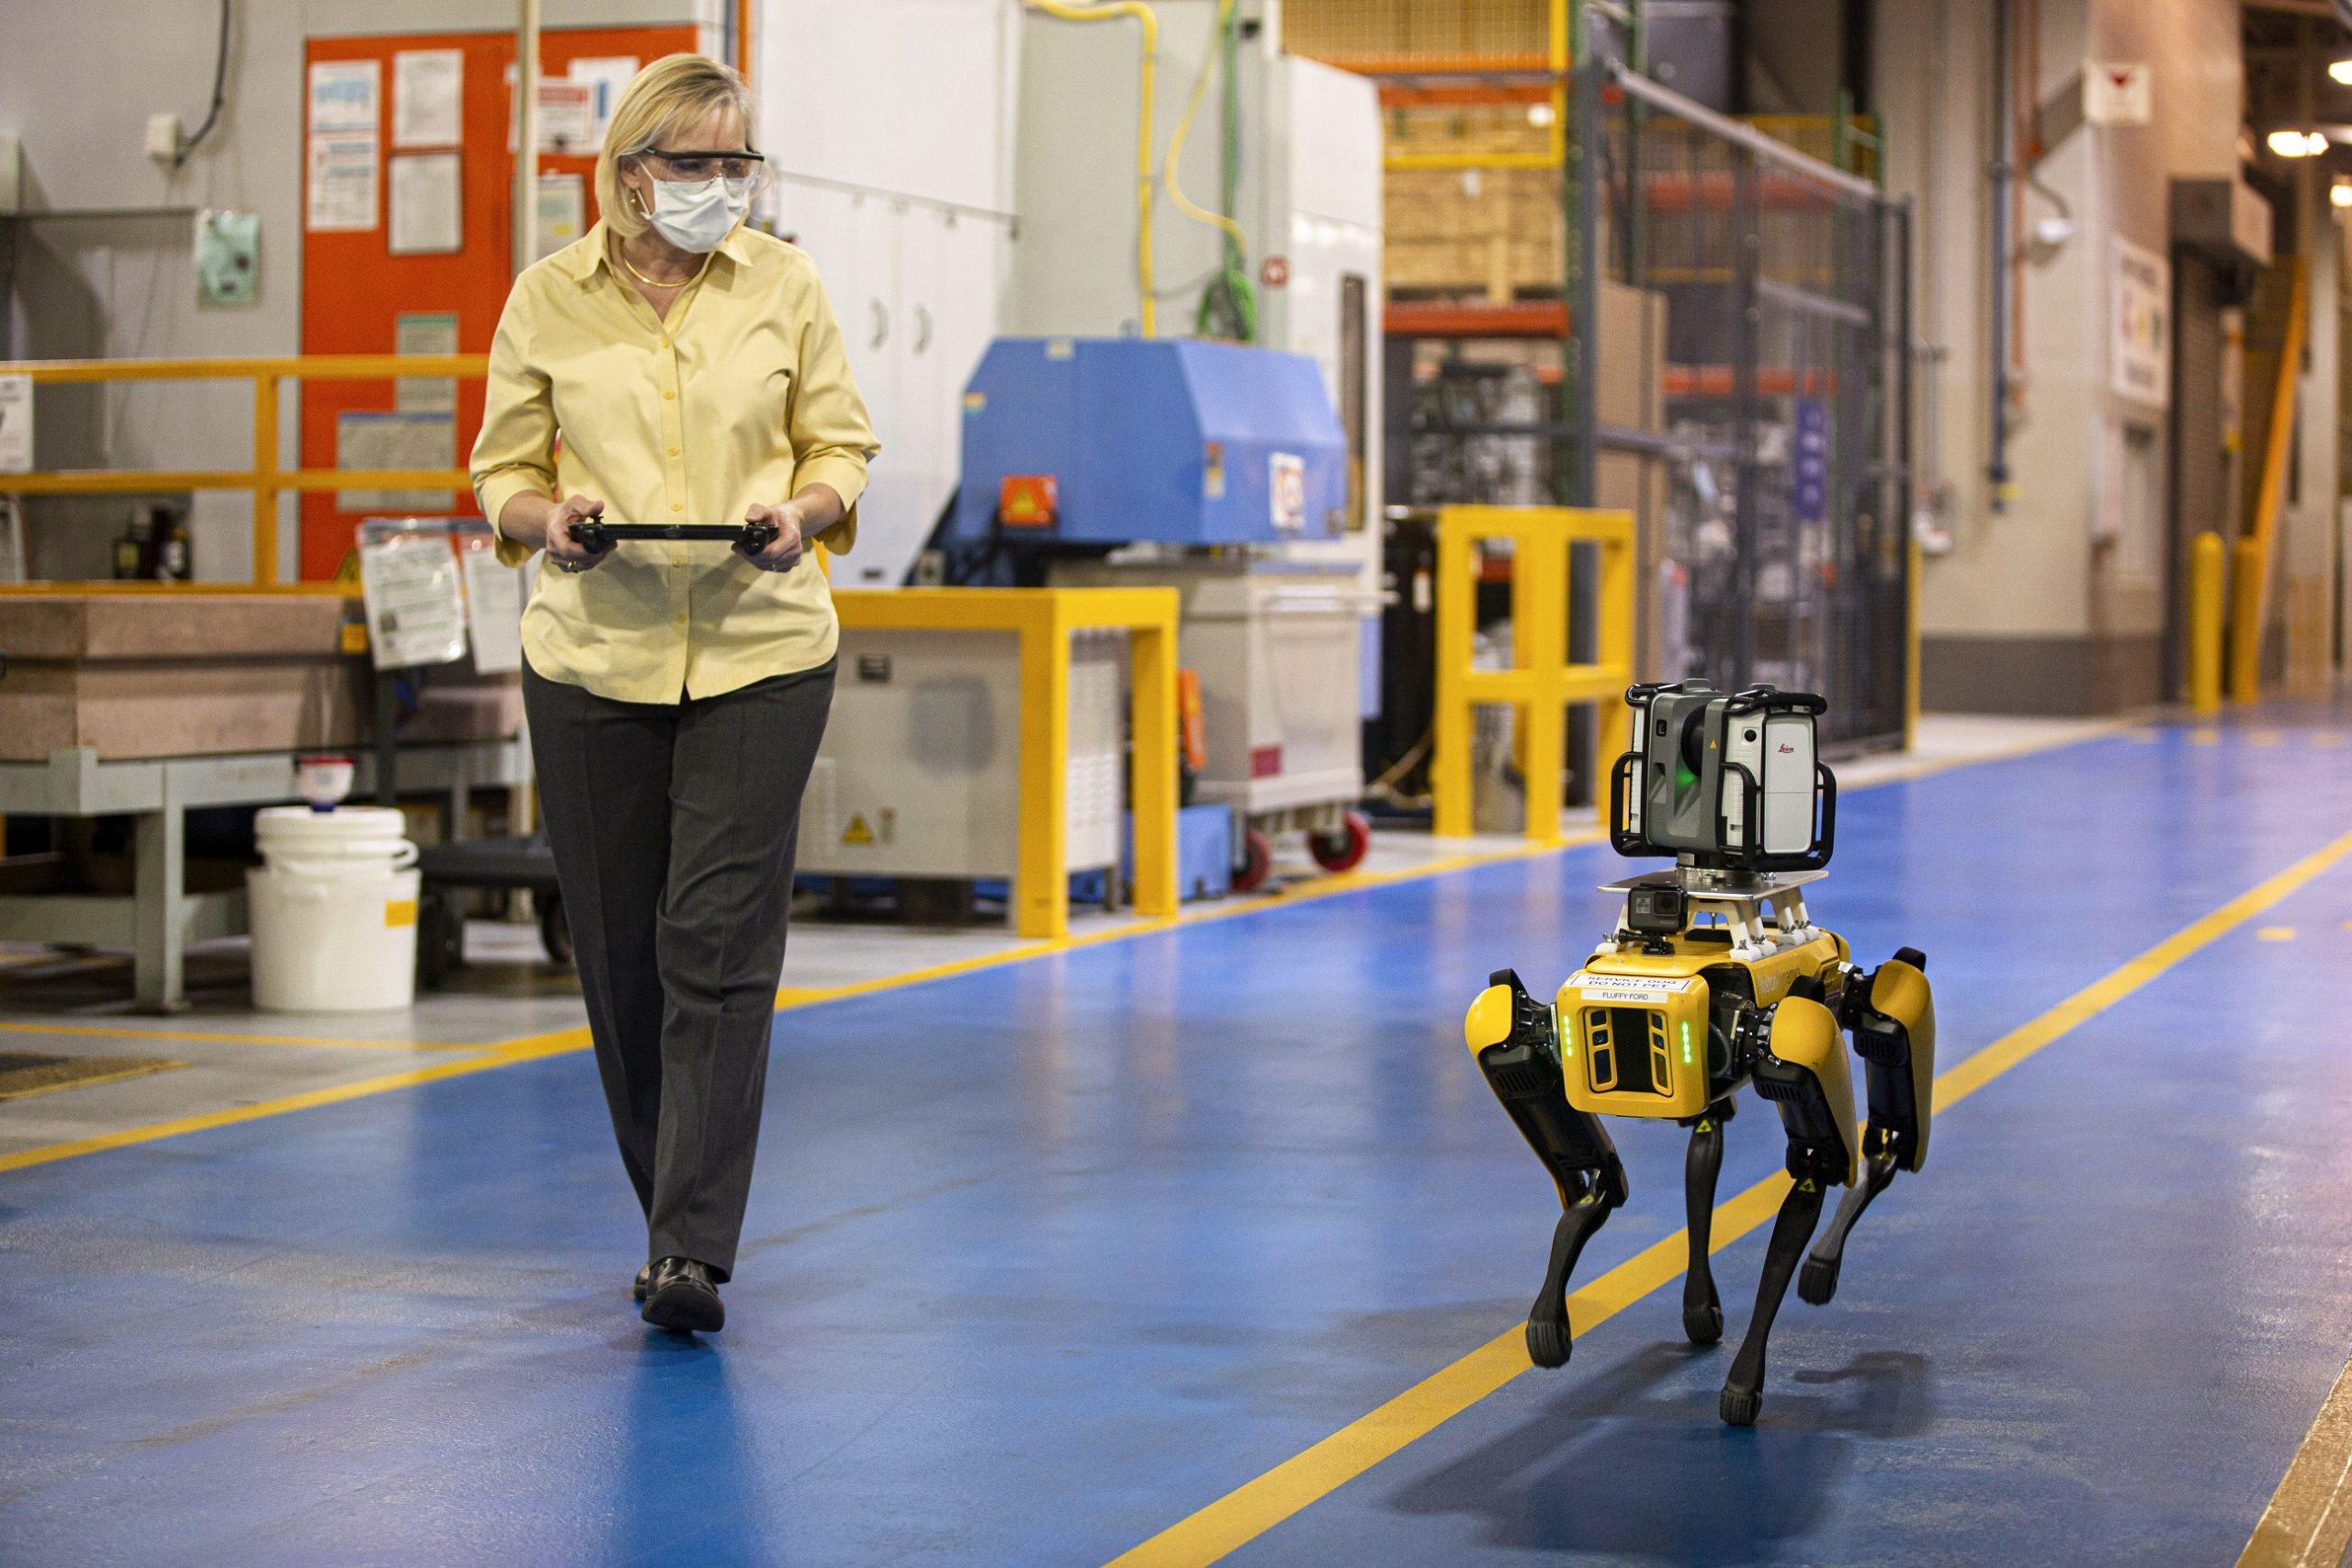 فورد تختبر استخدام روبوتات بأربعة أرجل لمراقبة المصانع وتوفير الوقت والمال  | مجلة رواد الأعمال